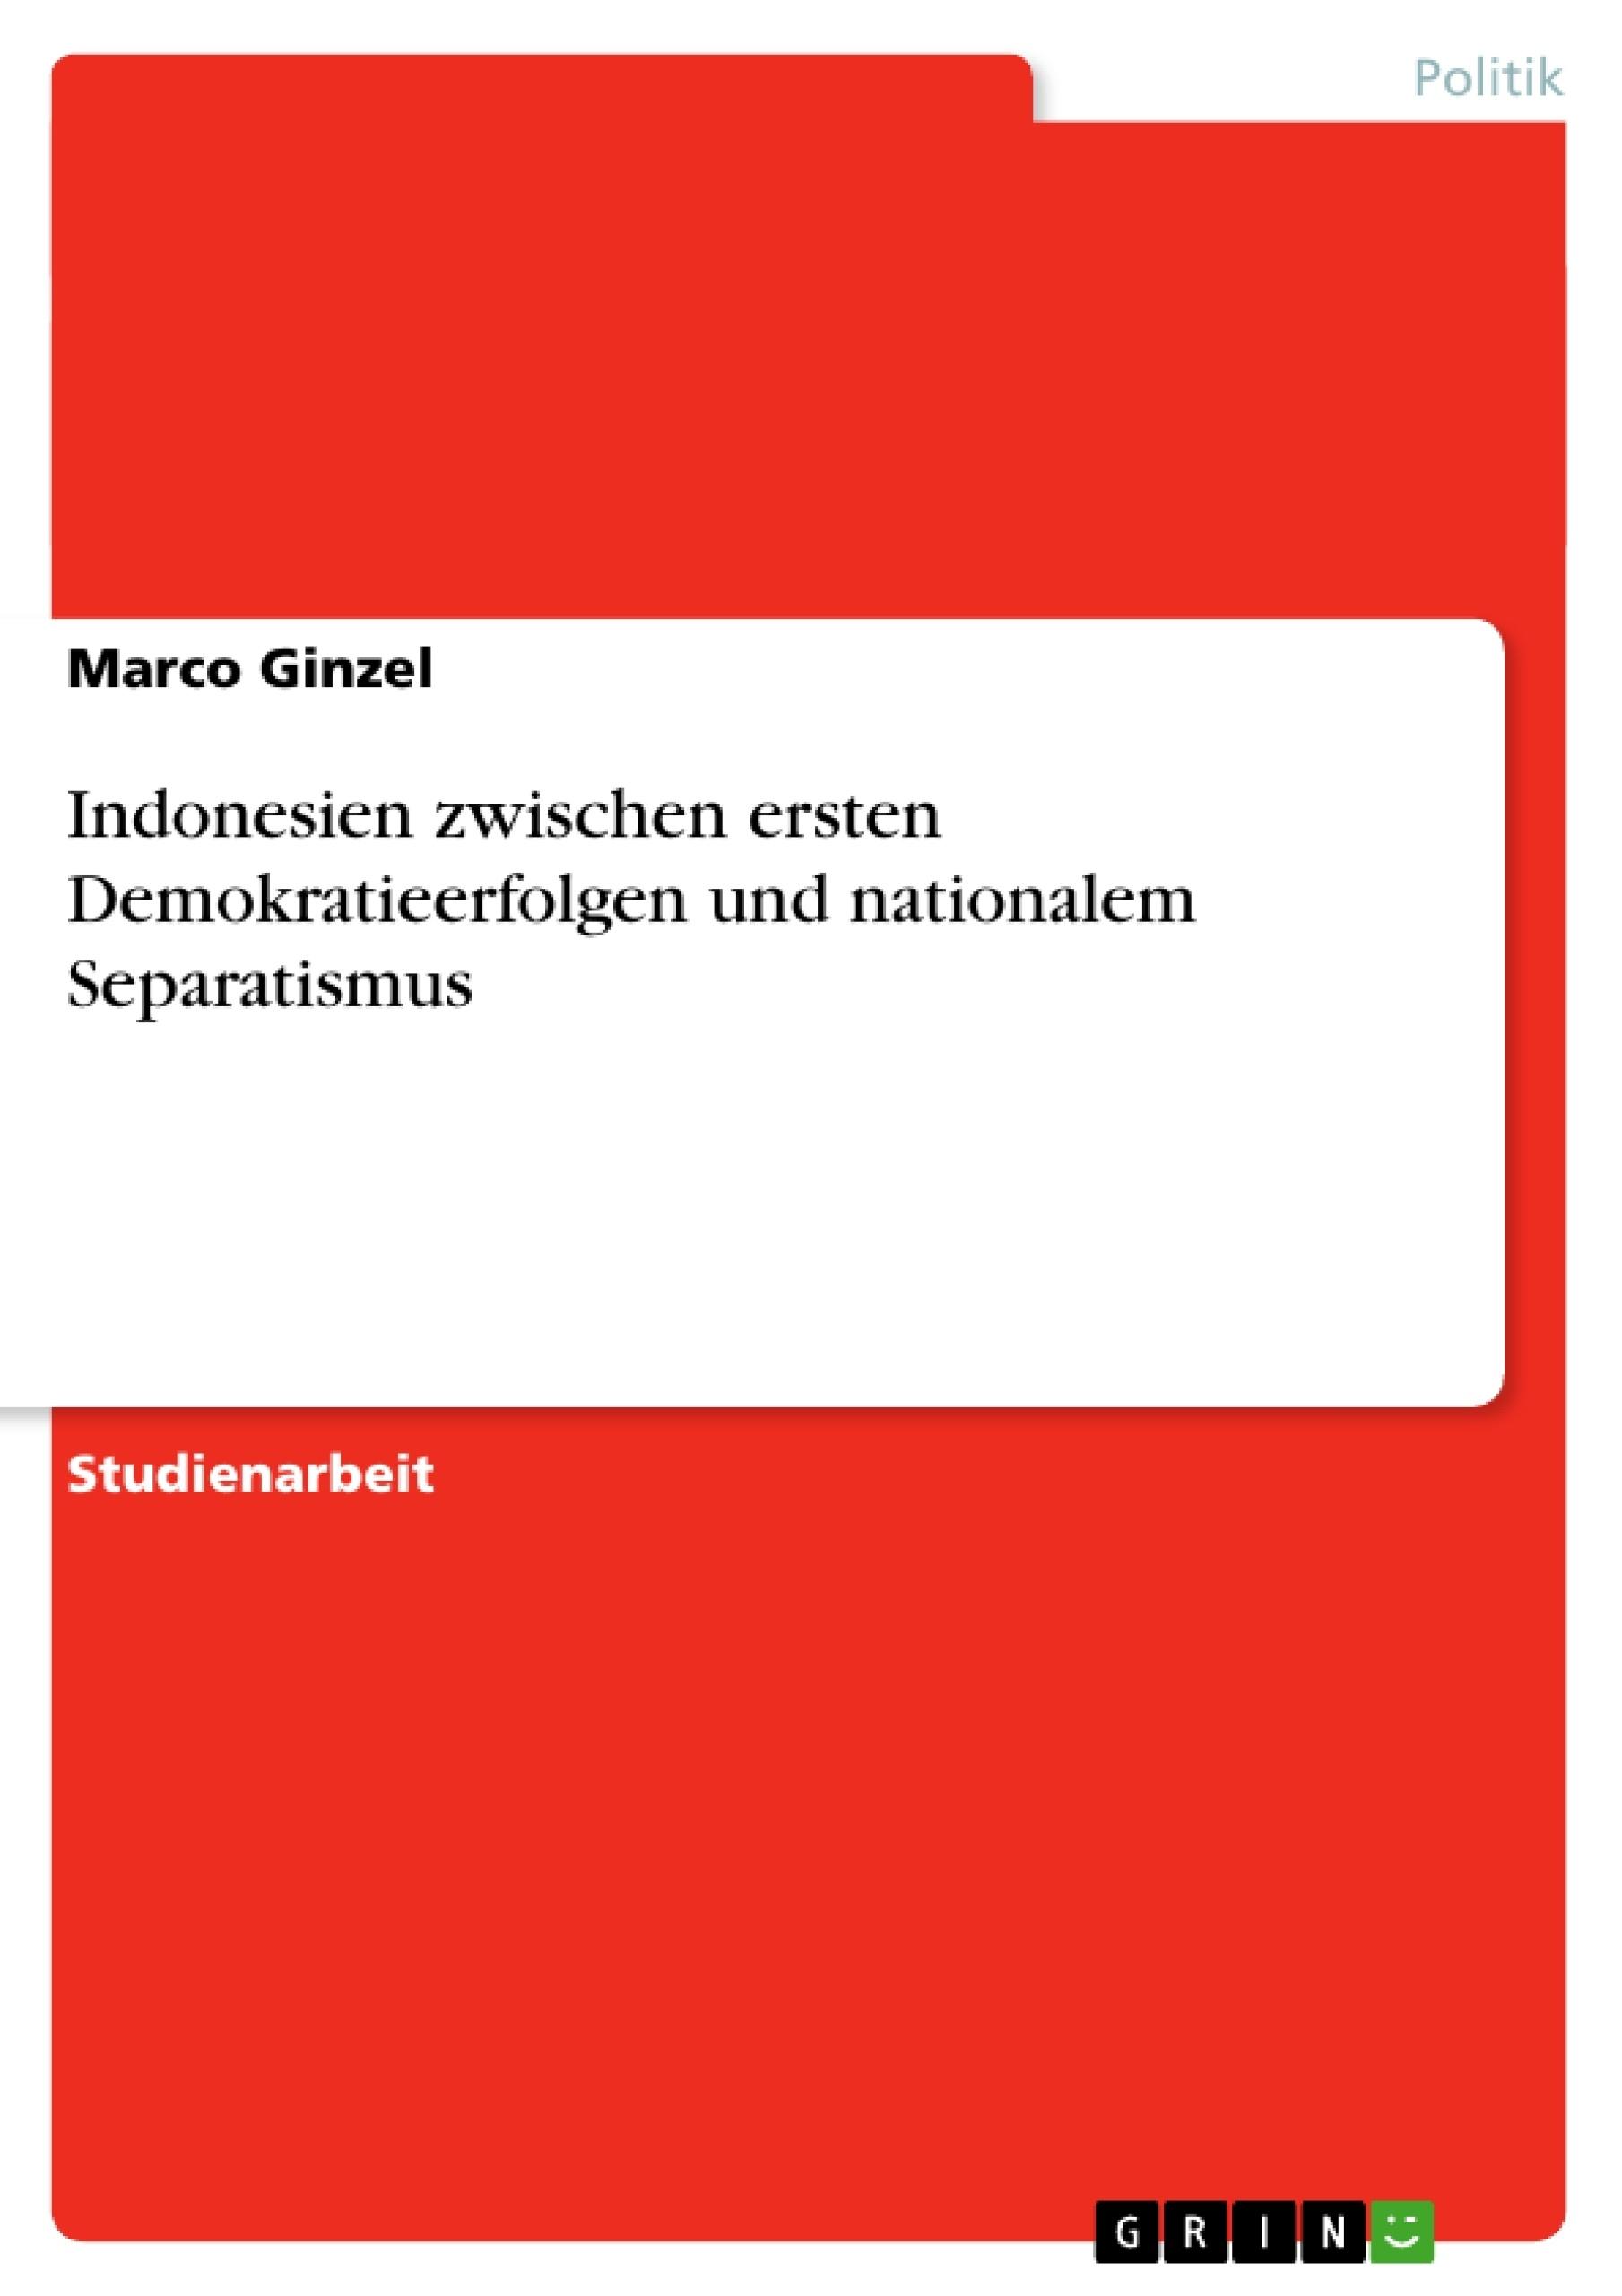 Titel: Indonesien zwischen ersten Demokratieerfolgen und nationalem Separatismus